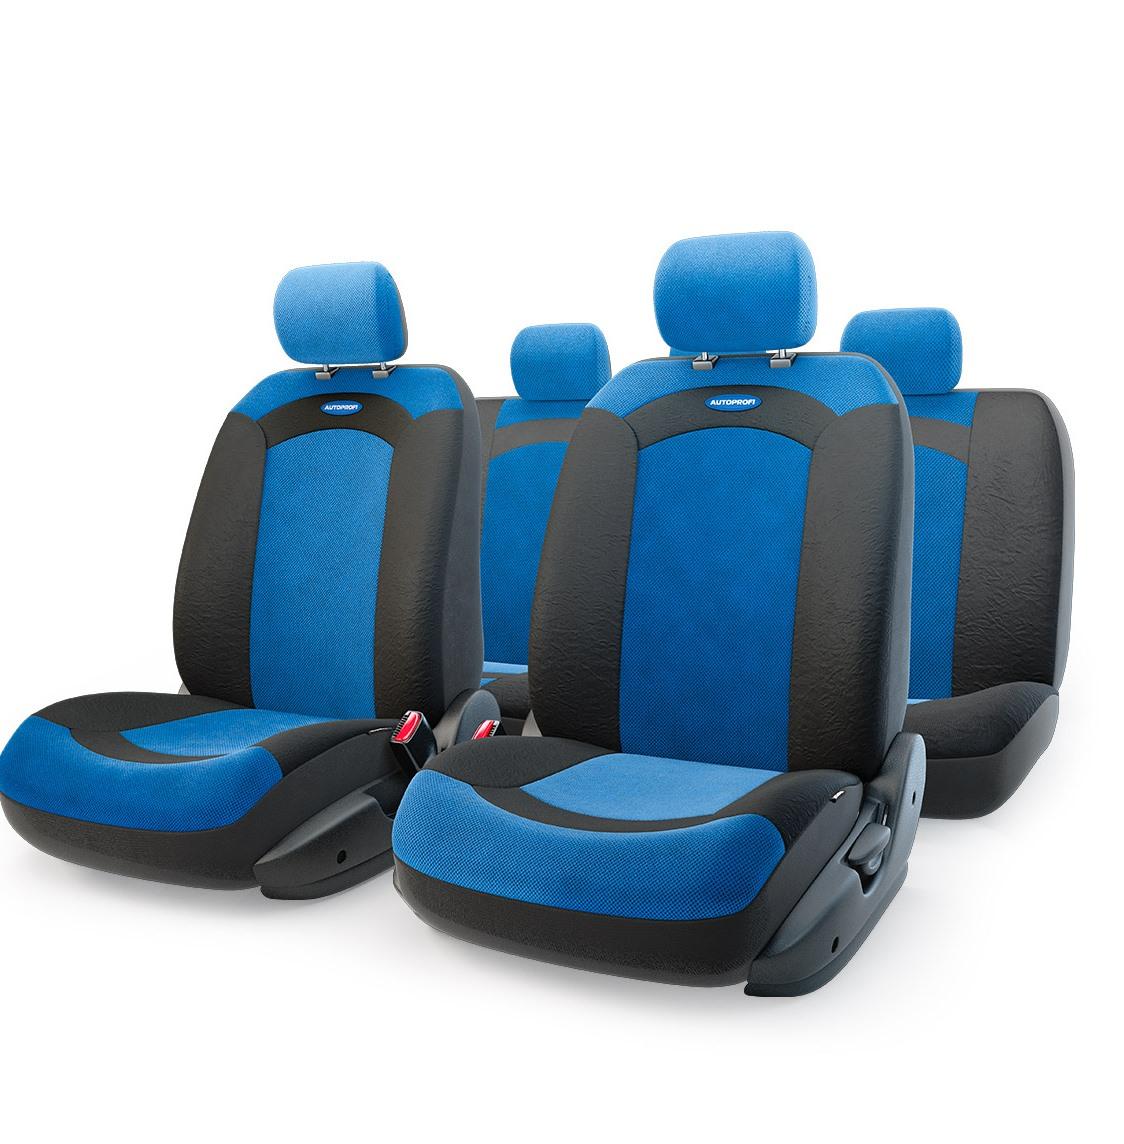 Чехол на сиденье Autoprofi Xtr-803 bk/bl (m) чехол на сиденье autoprofi gob 1105 gy line m